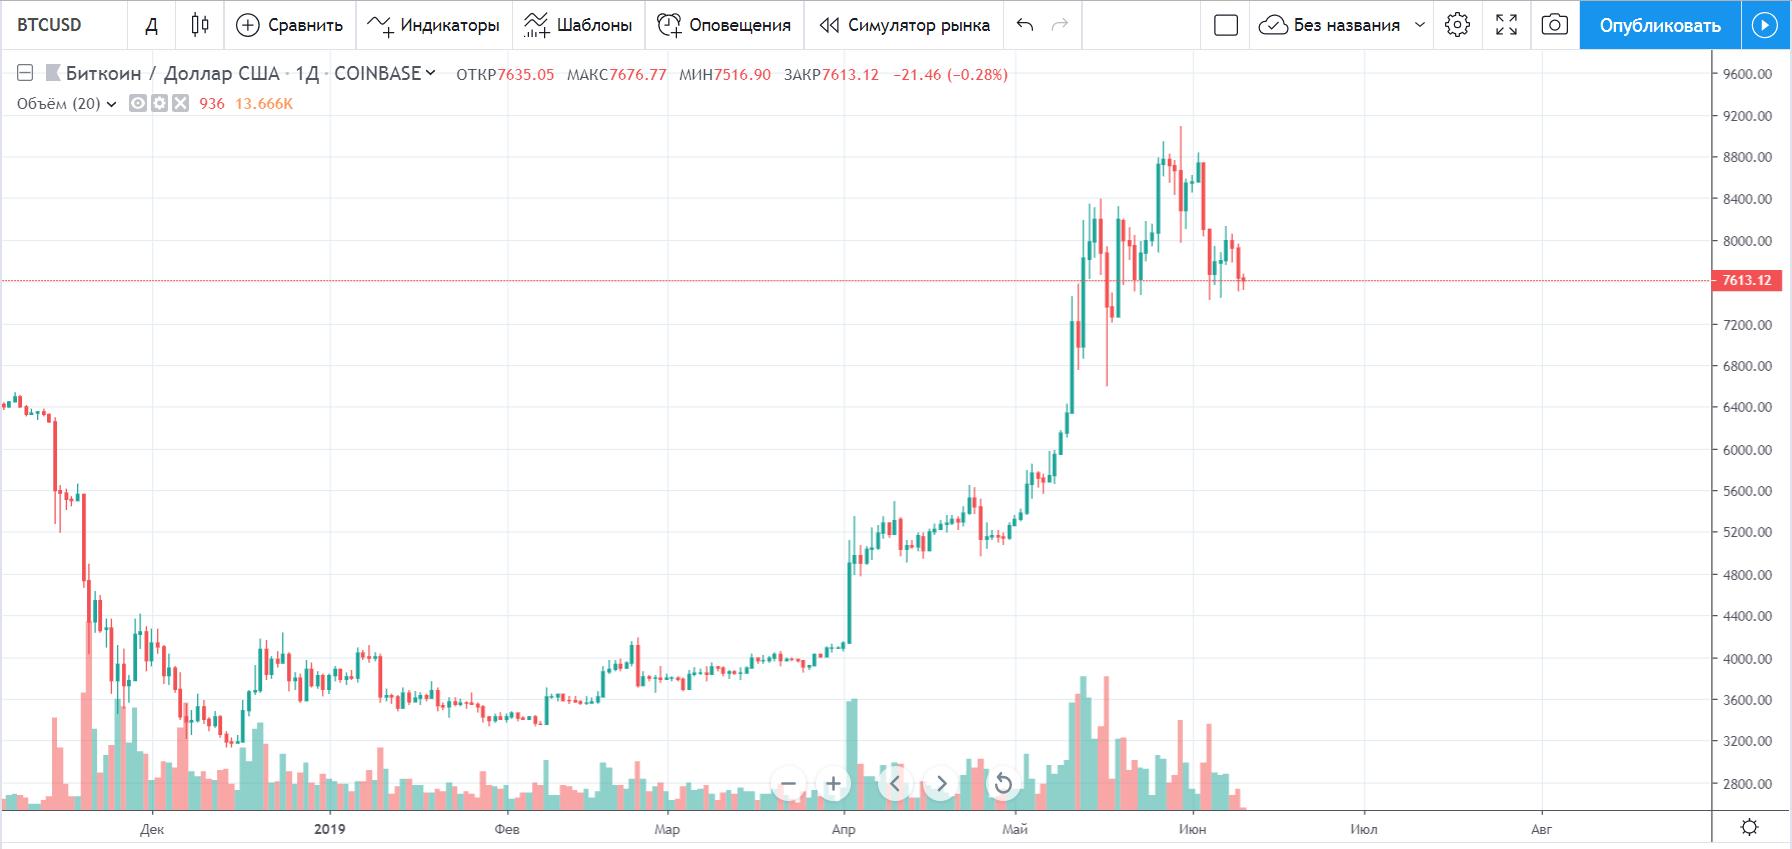 Технический анализ рынка криптовалют на неделю